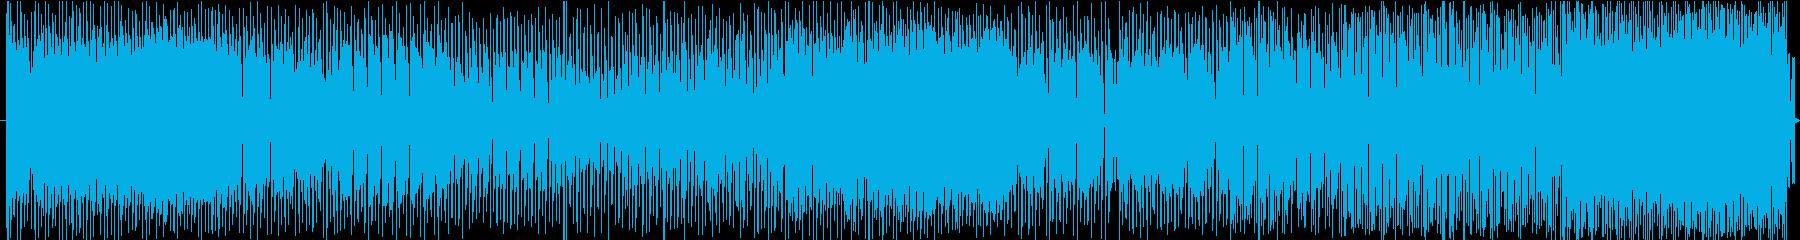 エレクトリック テクノ風の再生済みの波形